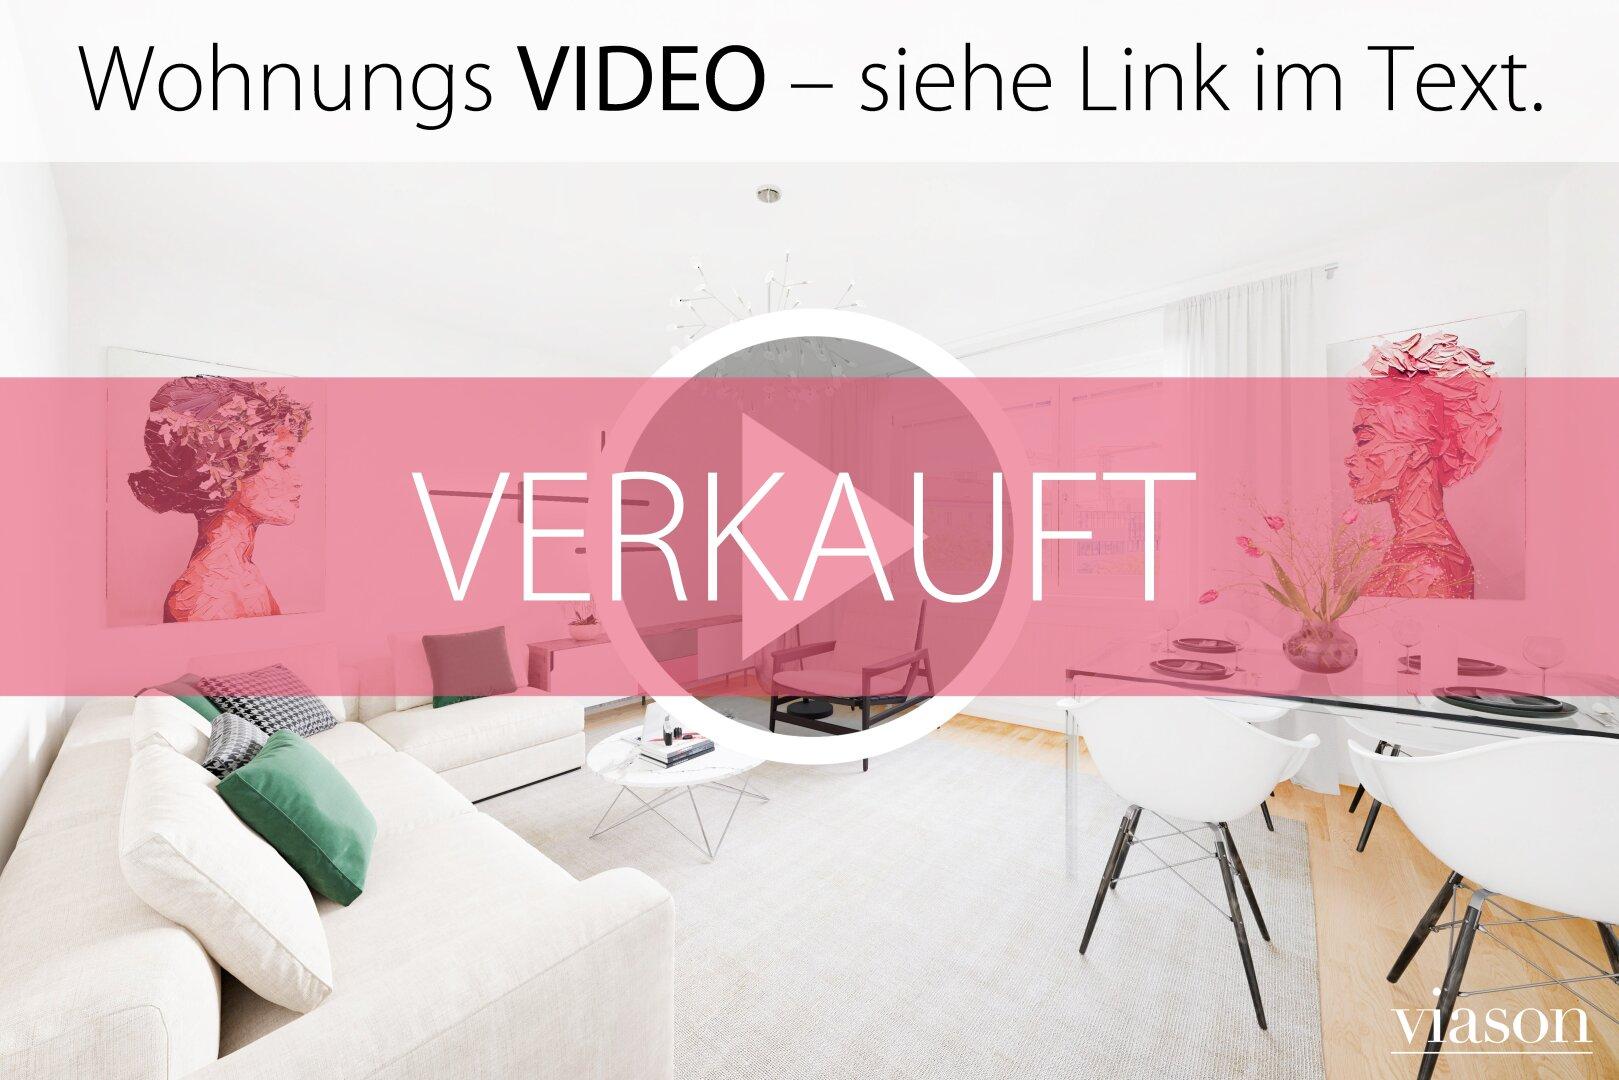 Wohnungs VIDEO Link im Text